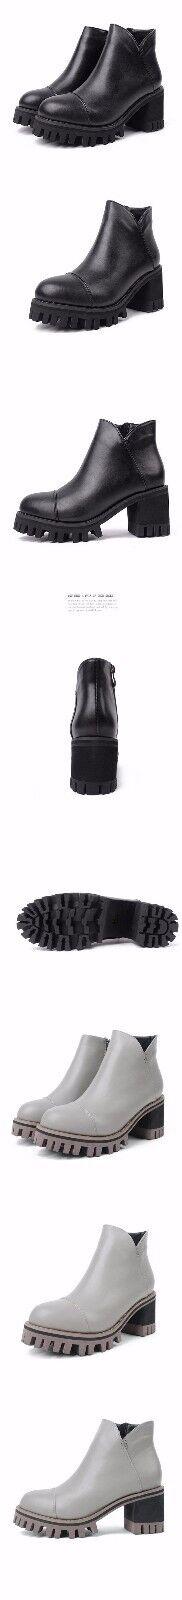 Stivali stivaletti lacci bassi  platform tacco  alto alto alto 7  cm nero simil pelle 9008 7c8add